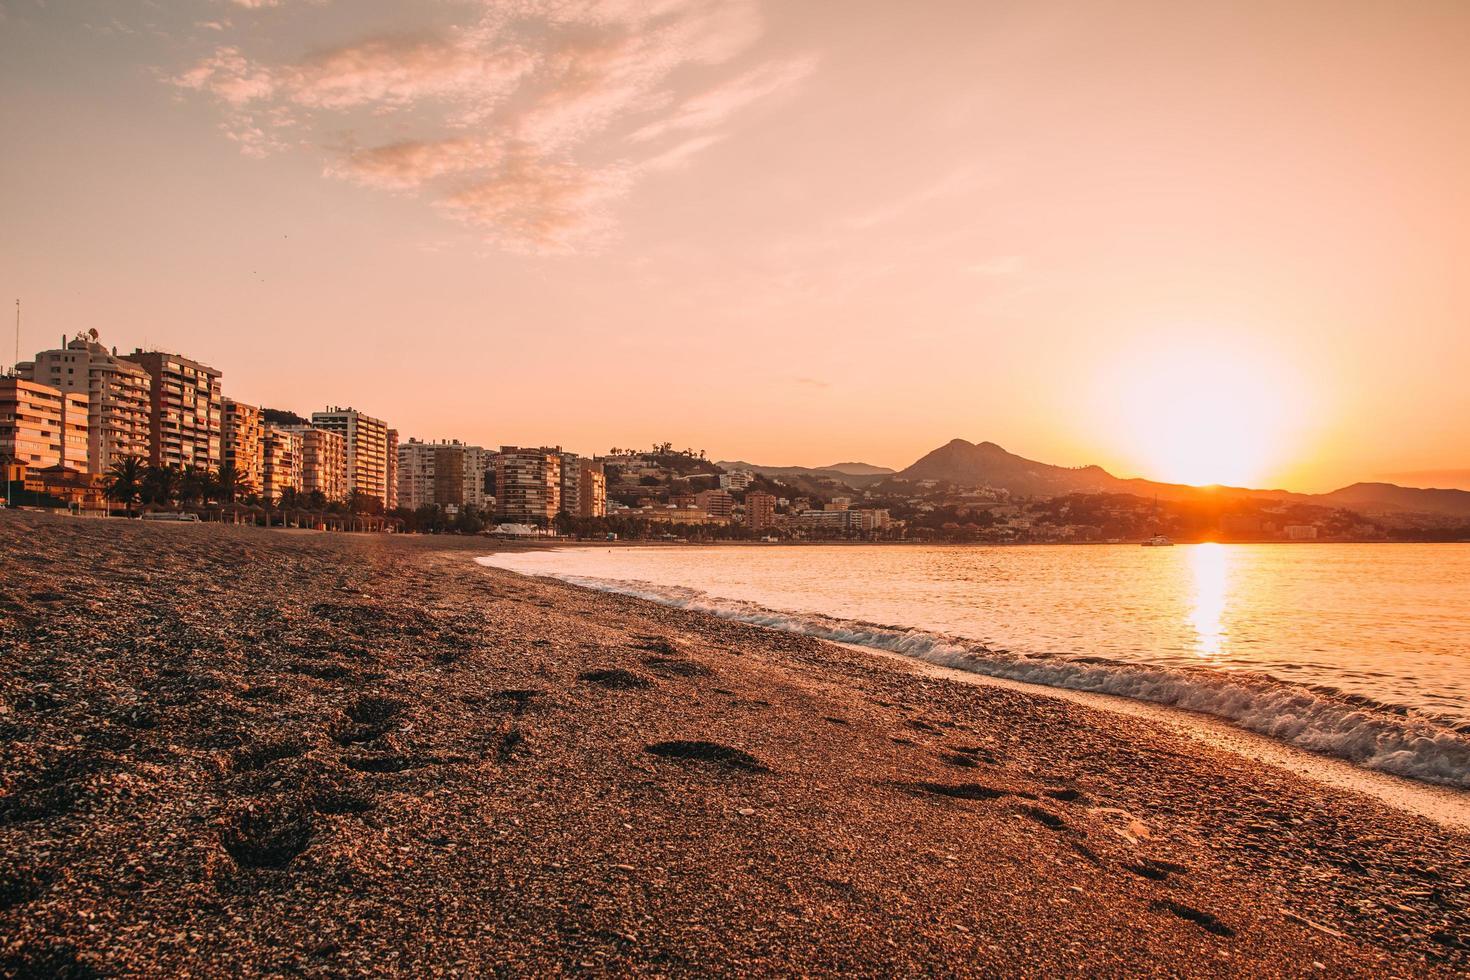 utsikt över staden nära stranden vid solnedgången foto